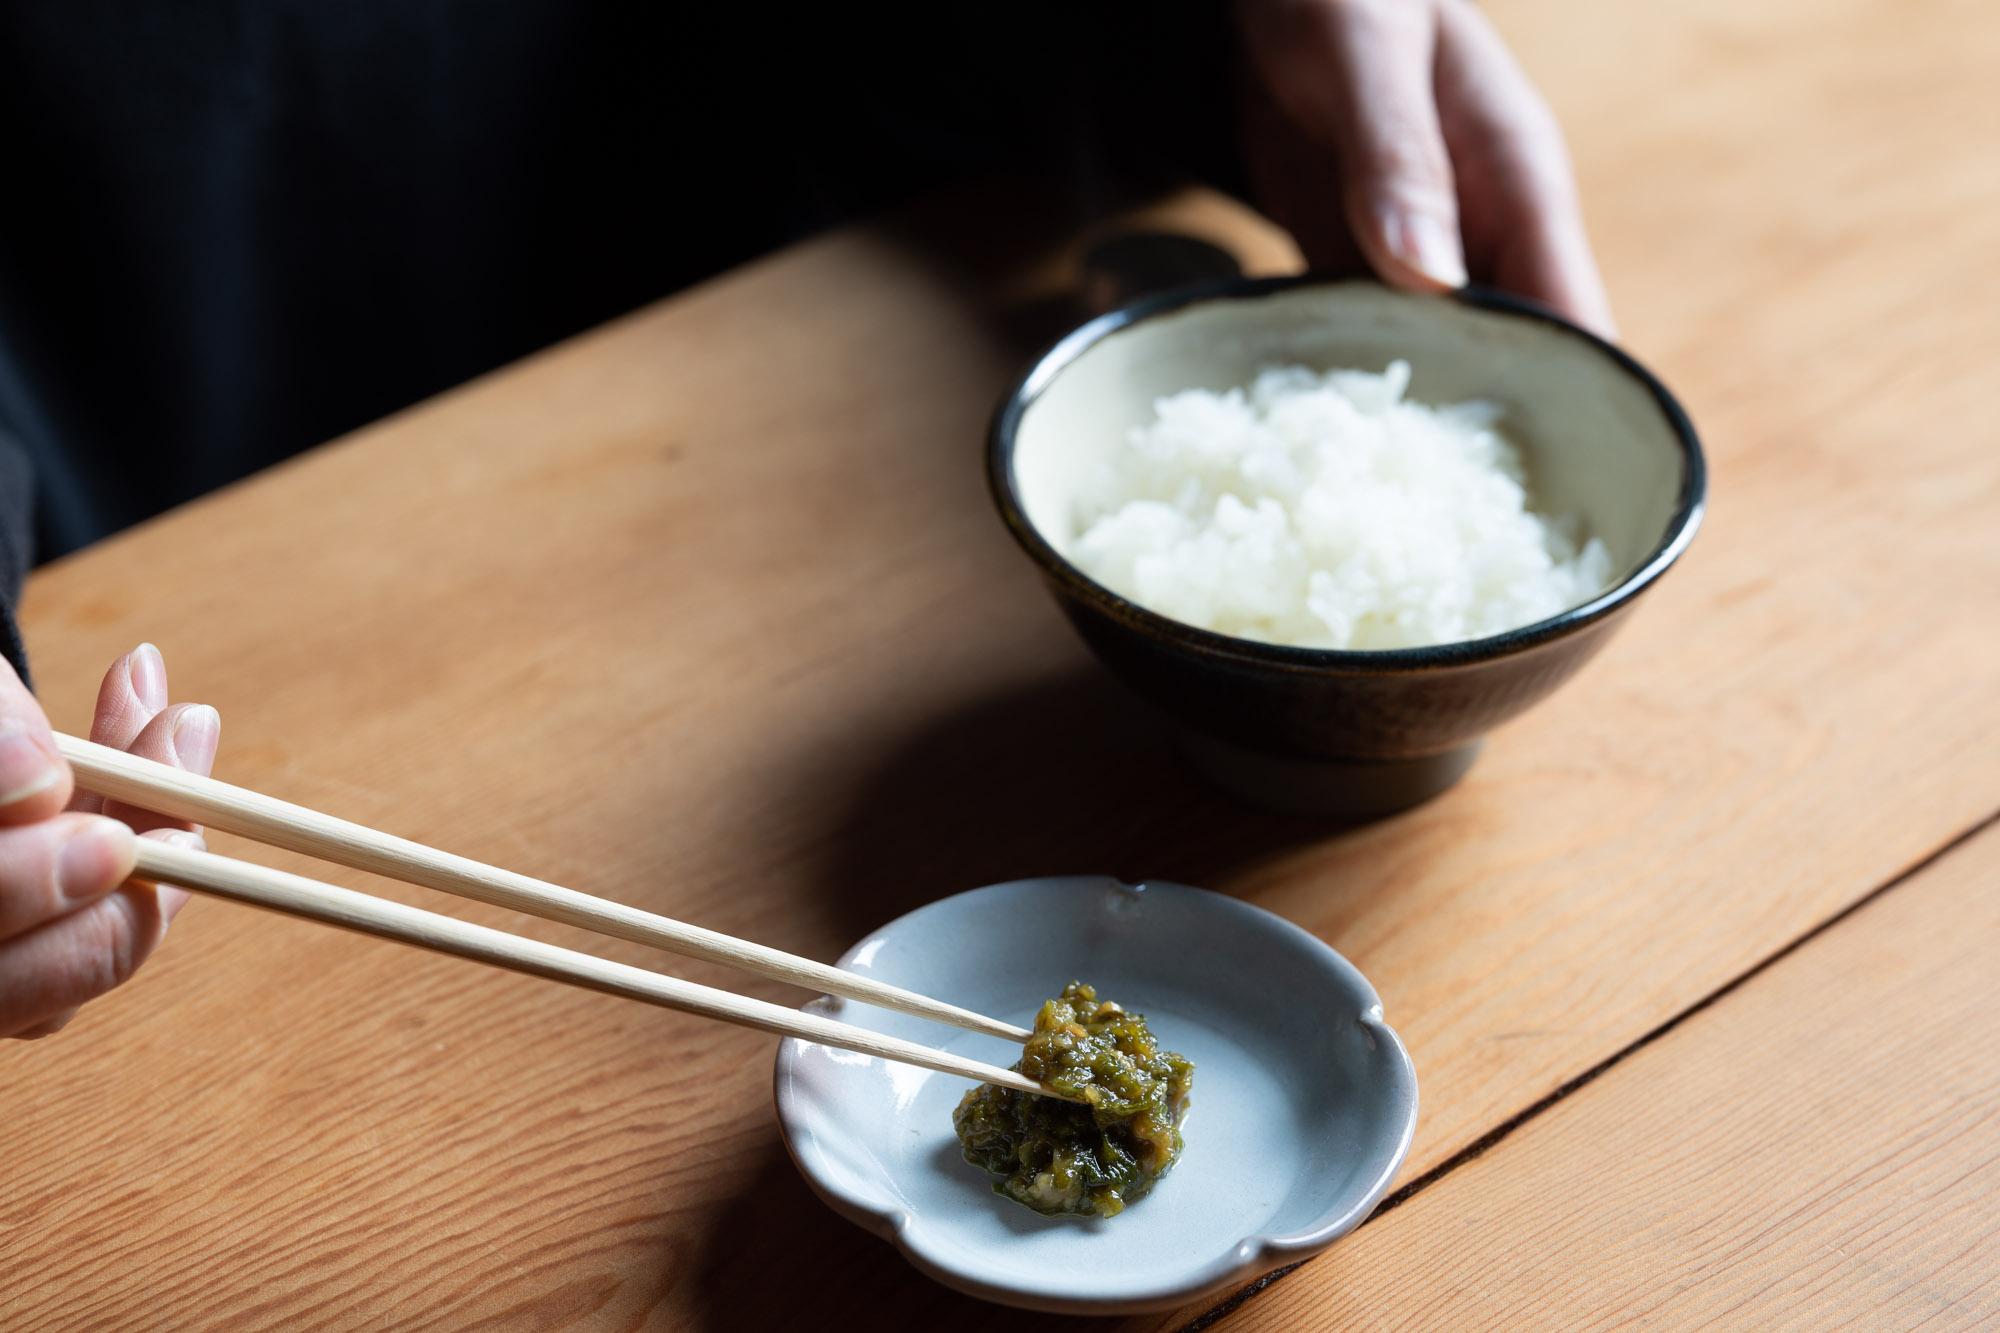 器に盛ったふき味噌と白いご飯。